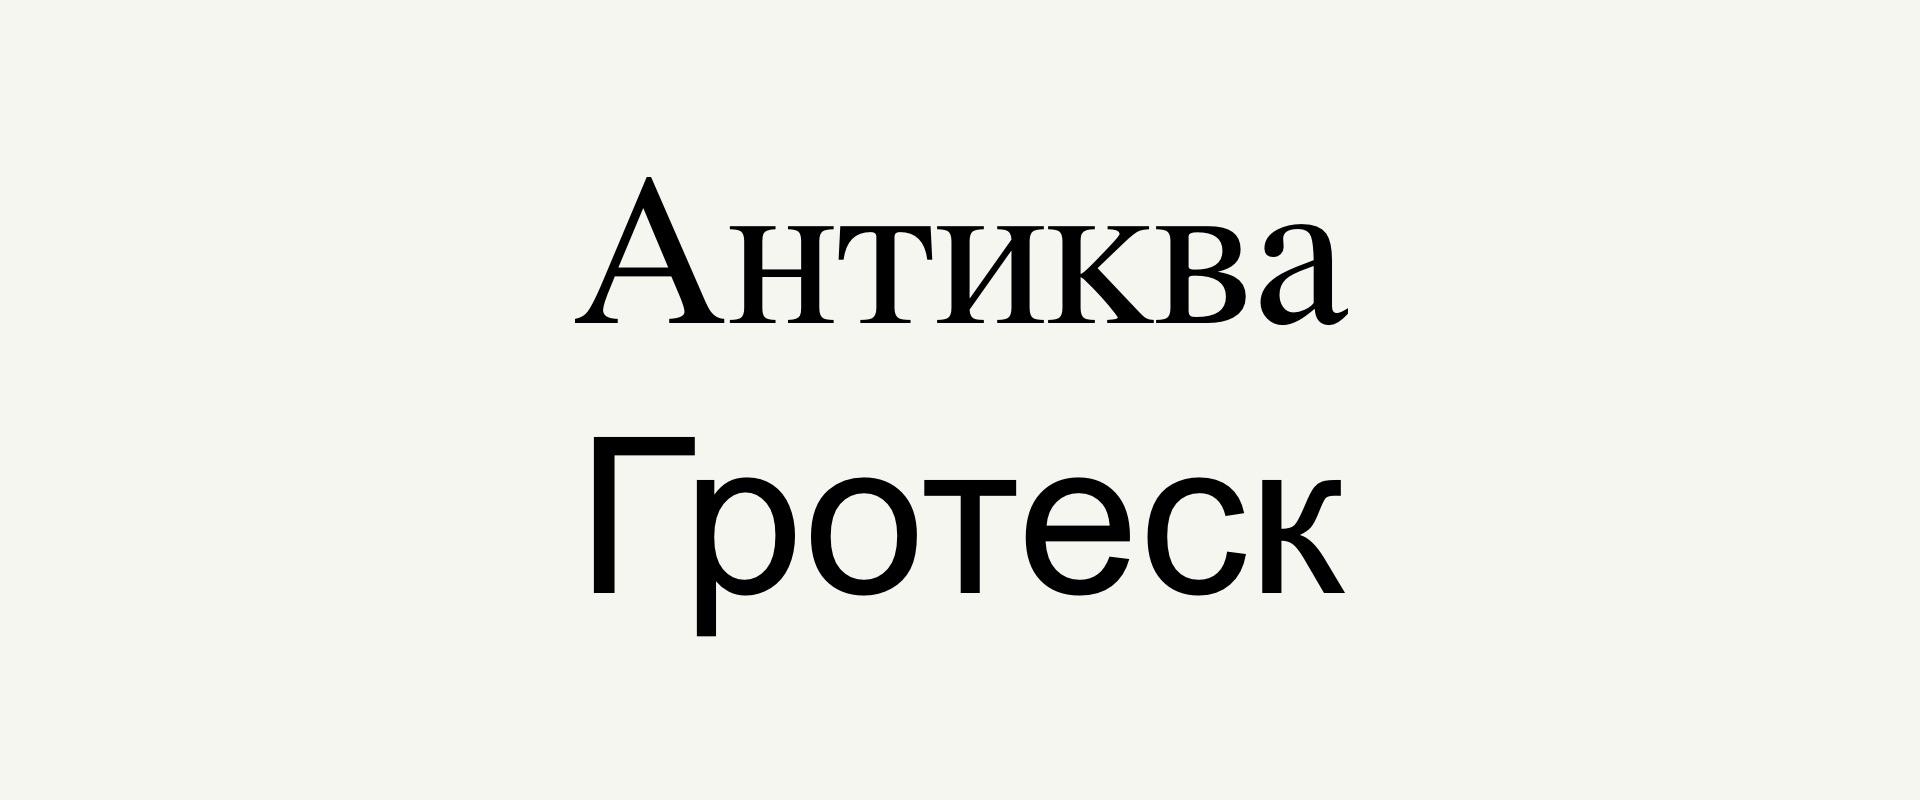 Пример шрифта с засечками (антиквы) и без (гротеска).